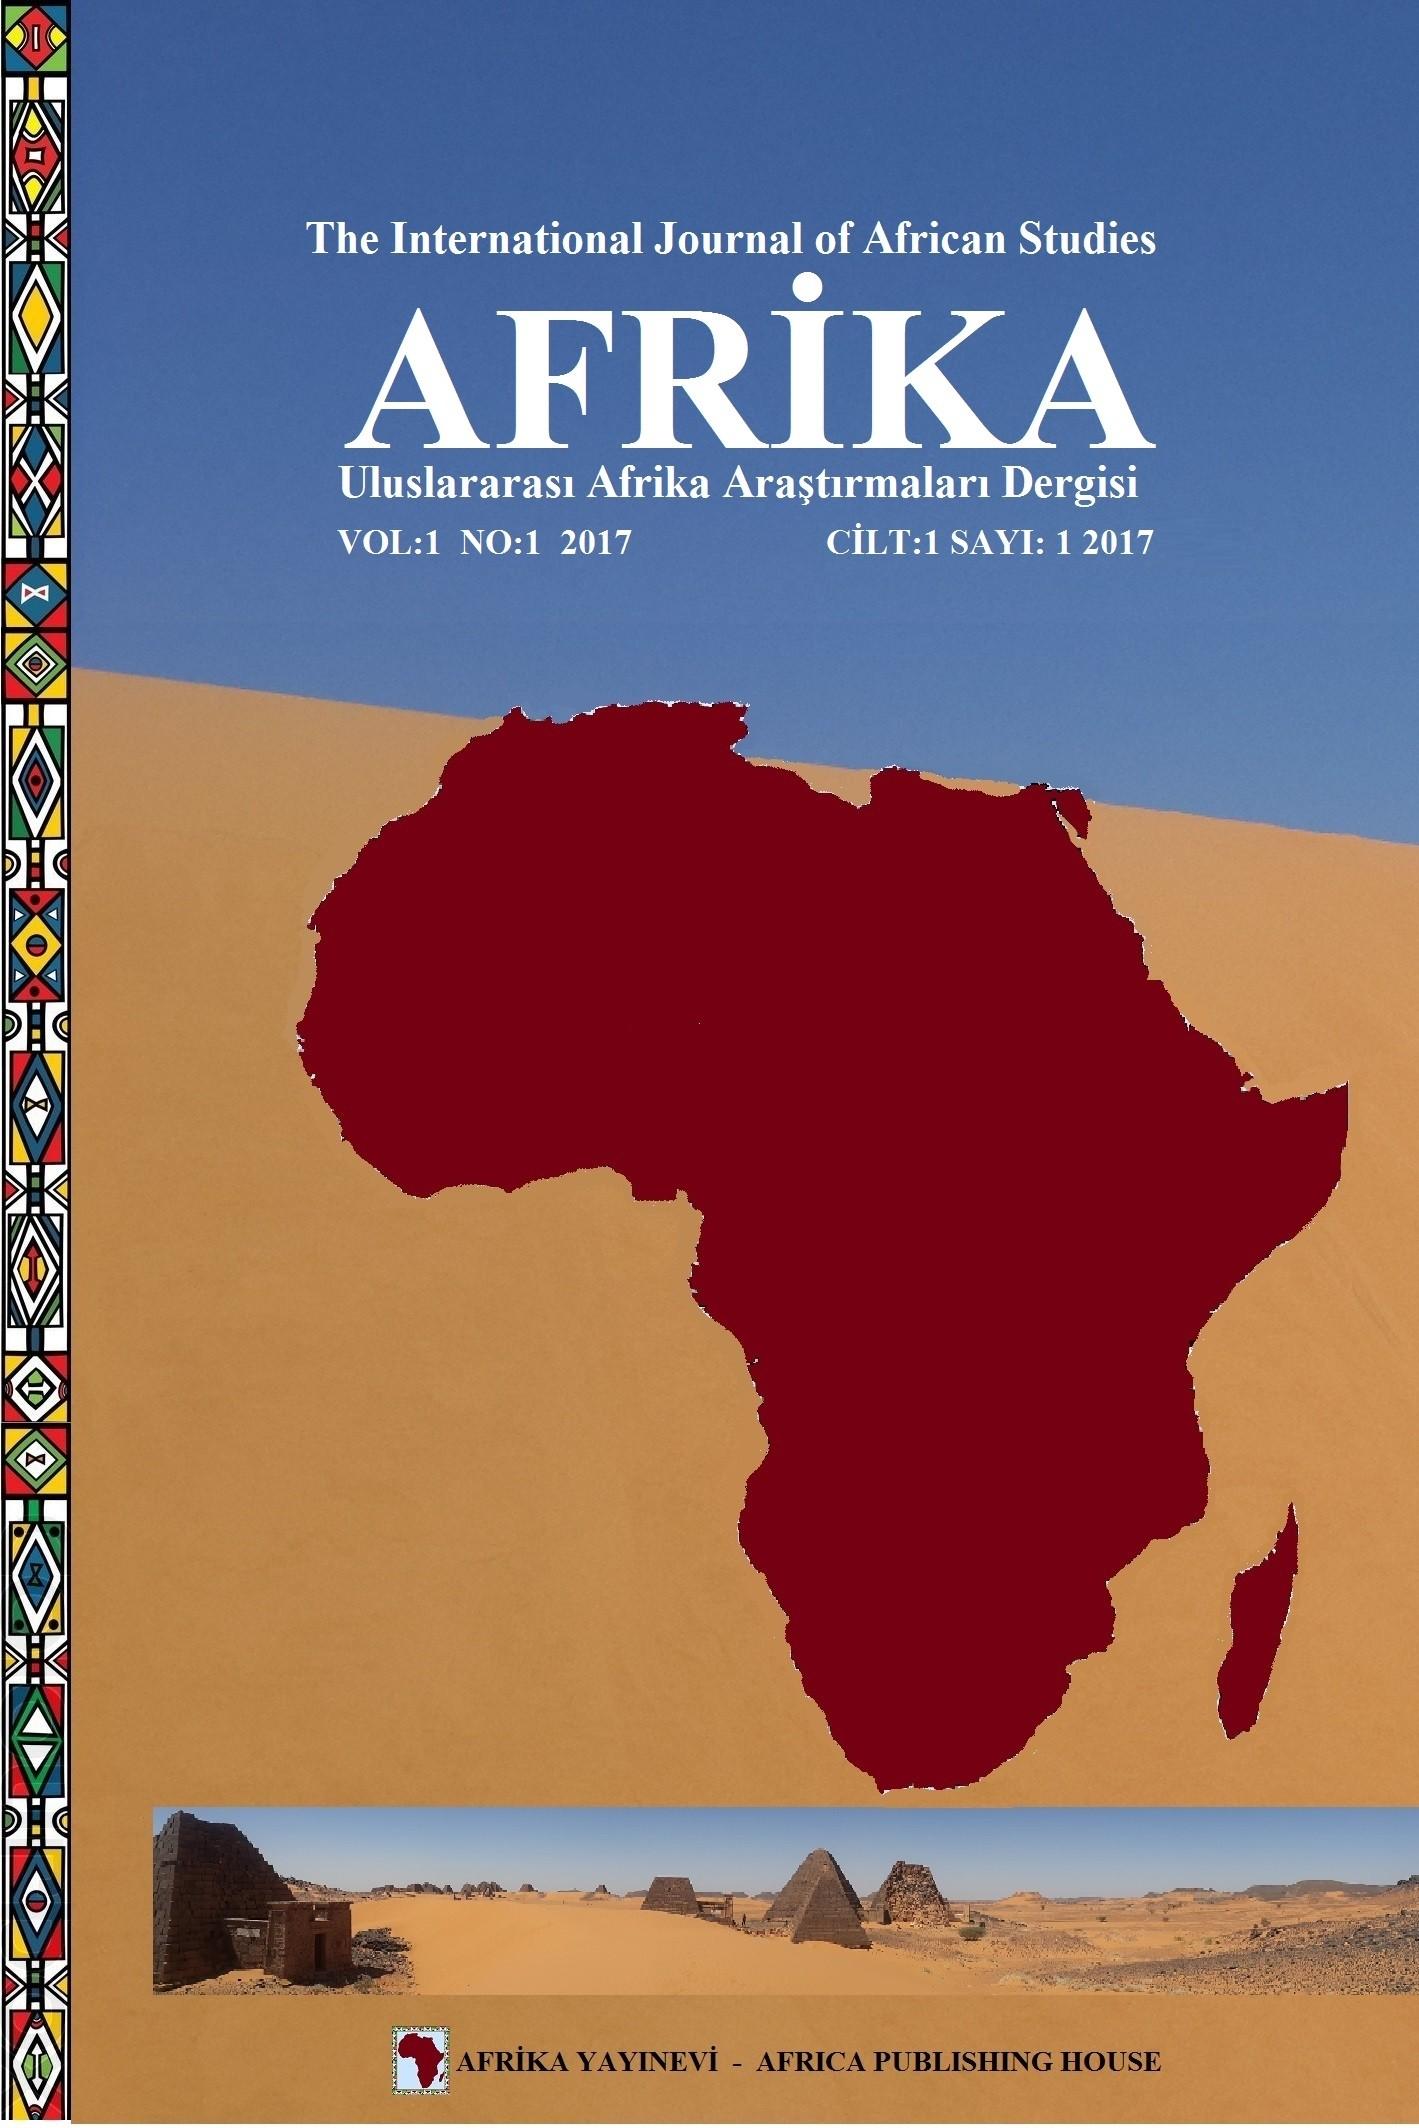 Uluslararası Afrika Araştırmaları Dergisi-The International Journal of African Studies